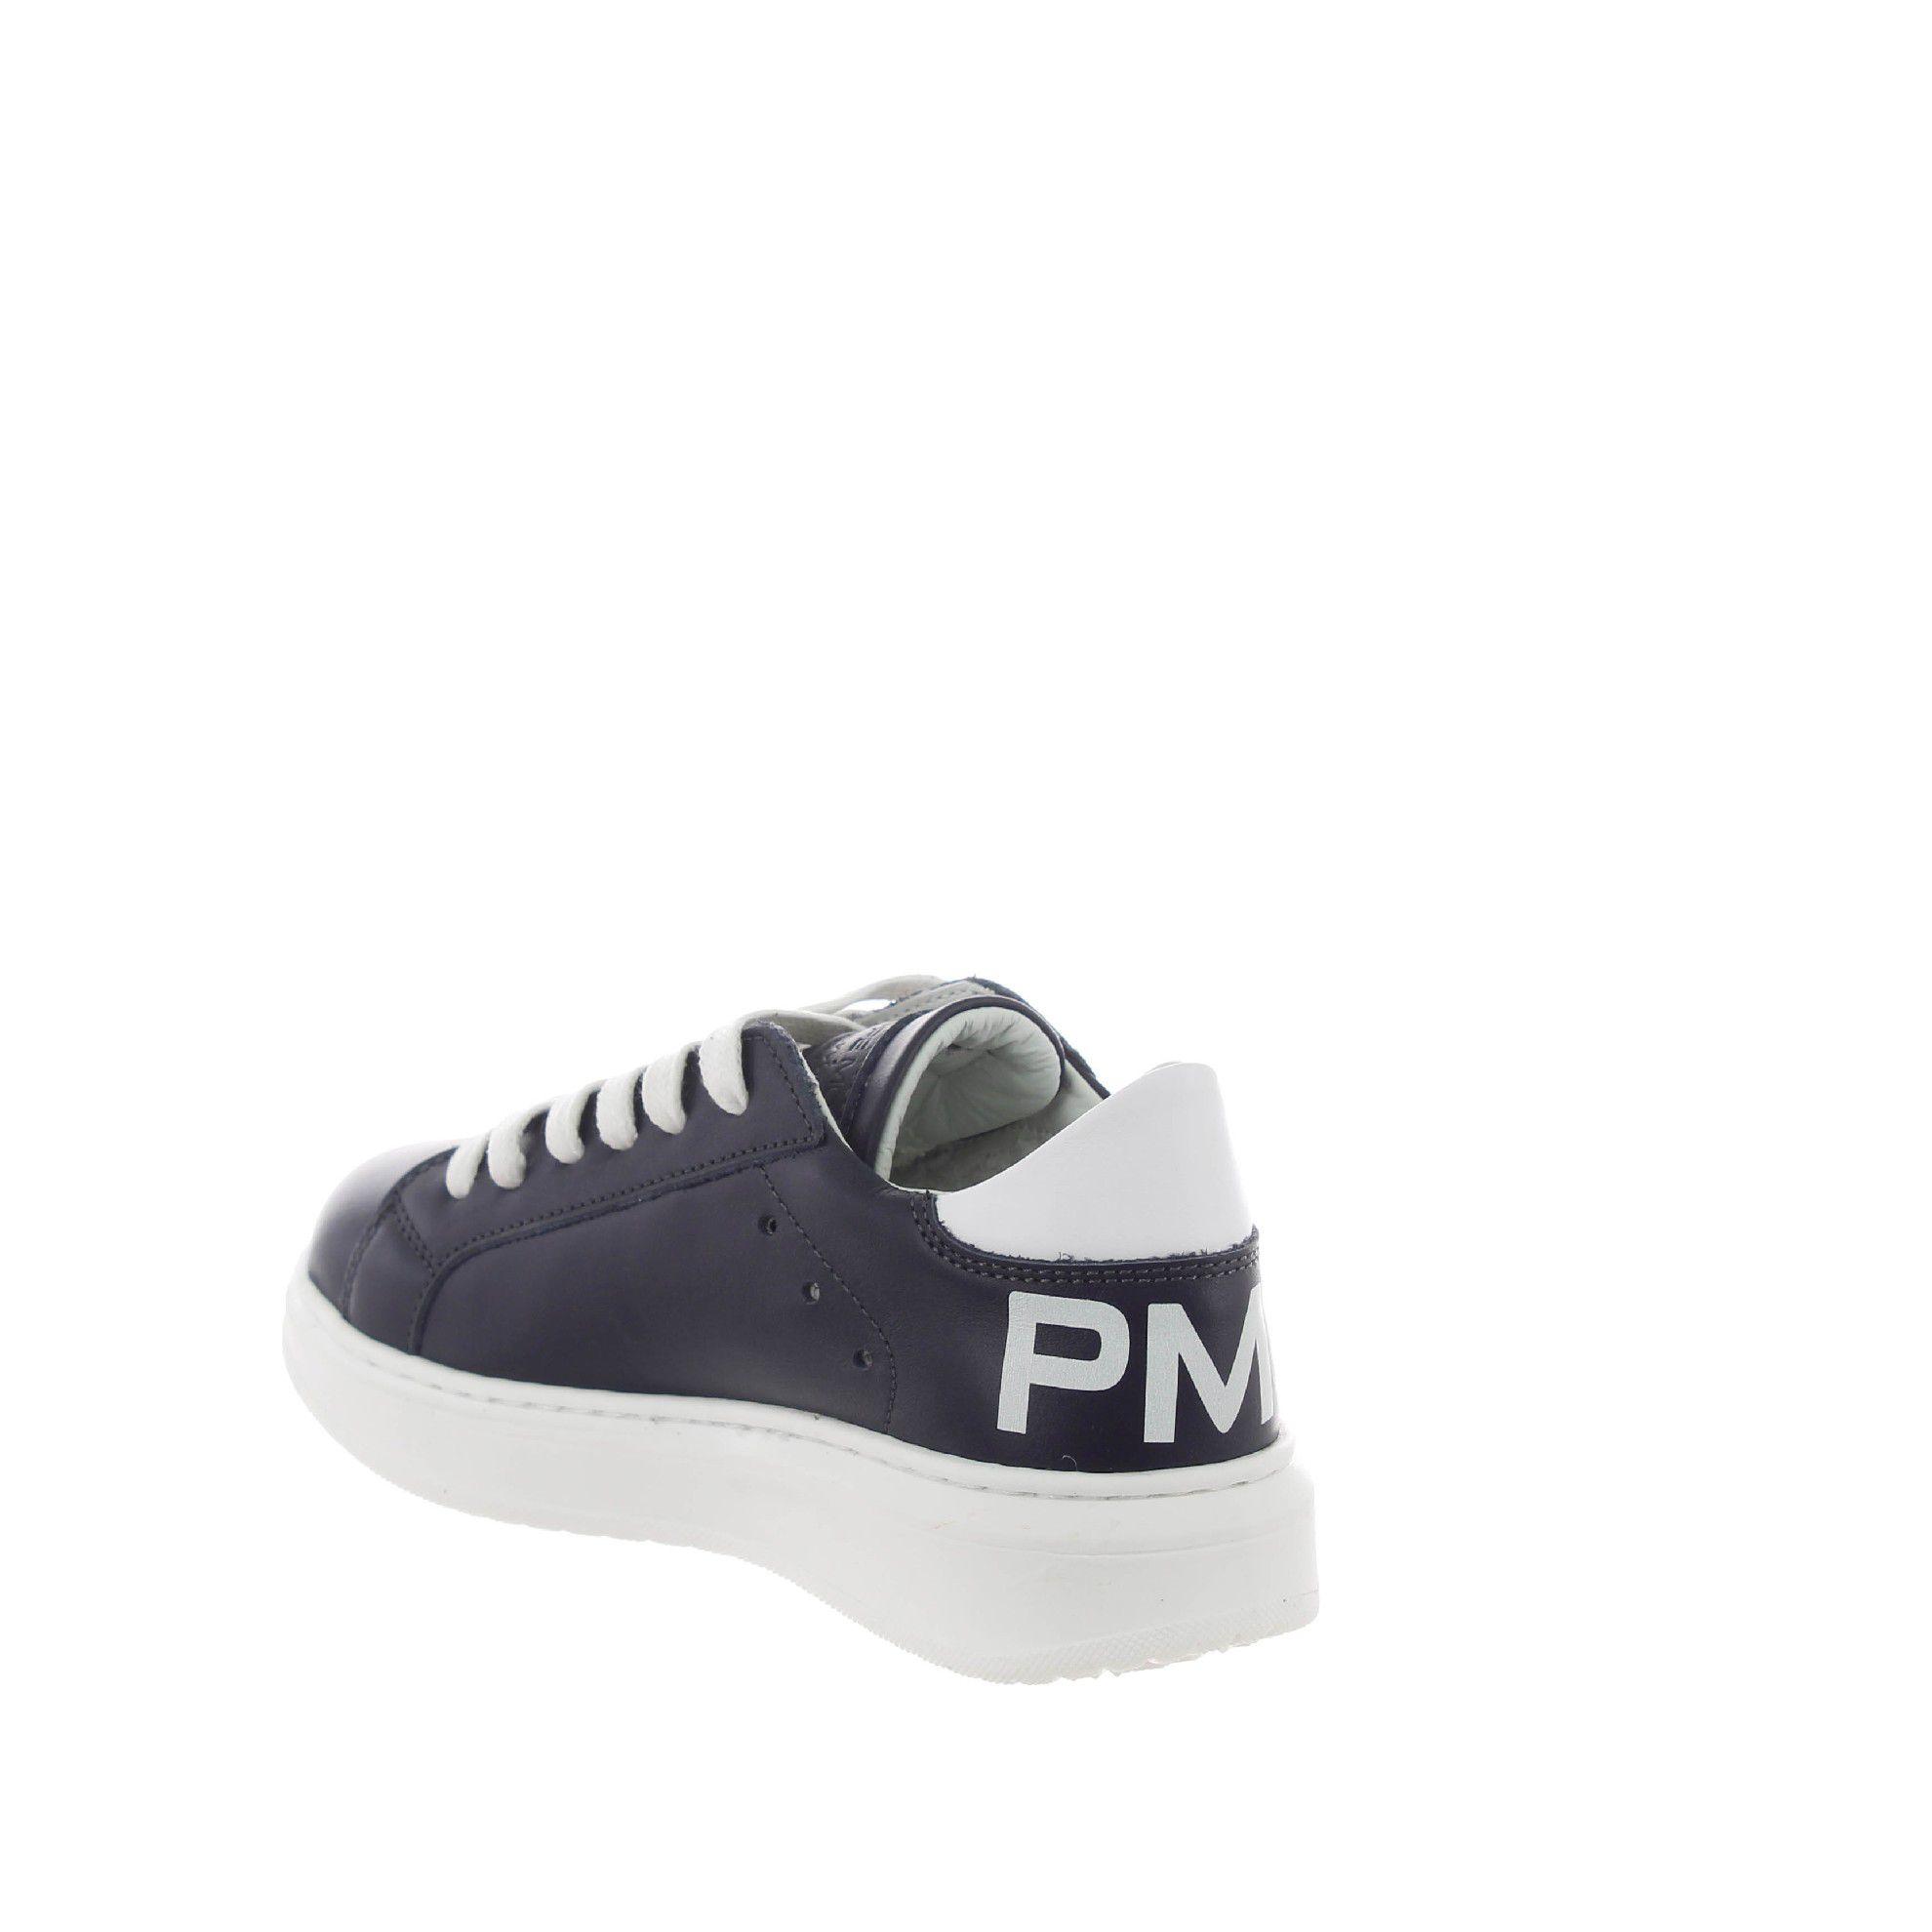 Philippe model sneaker granville in pelle da bambino